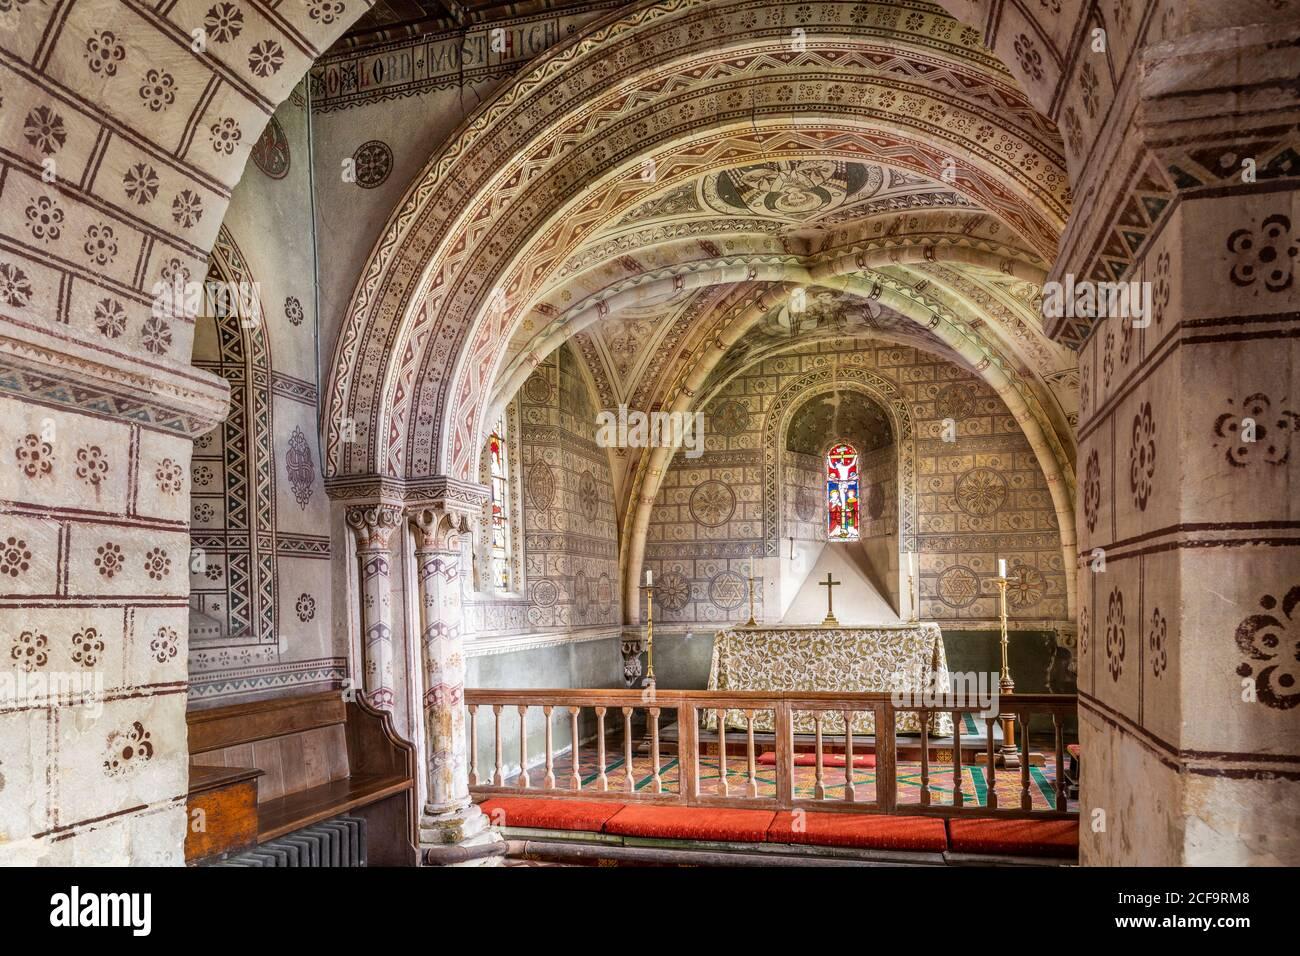 La chiesa normanna di San Giorgio nel villaggio di Cotswold di Hampnet mostra il coro del 12 ° secolo decorato nel 1870 dal vicario al tempo. Foto Stock